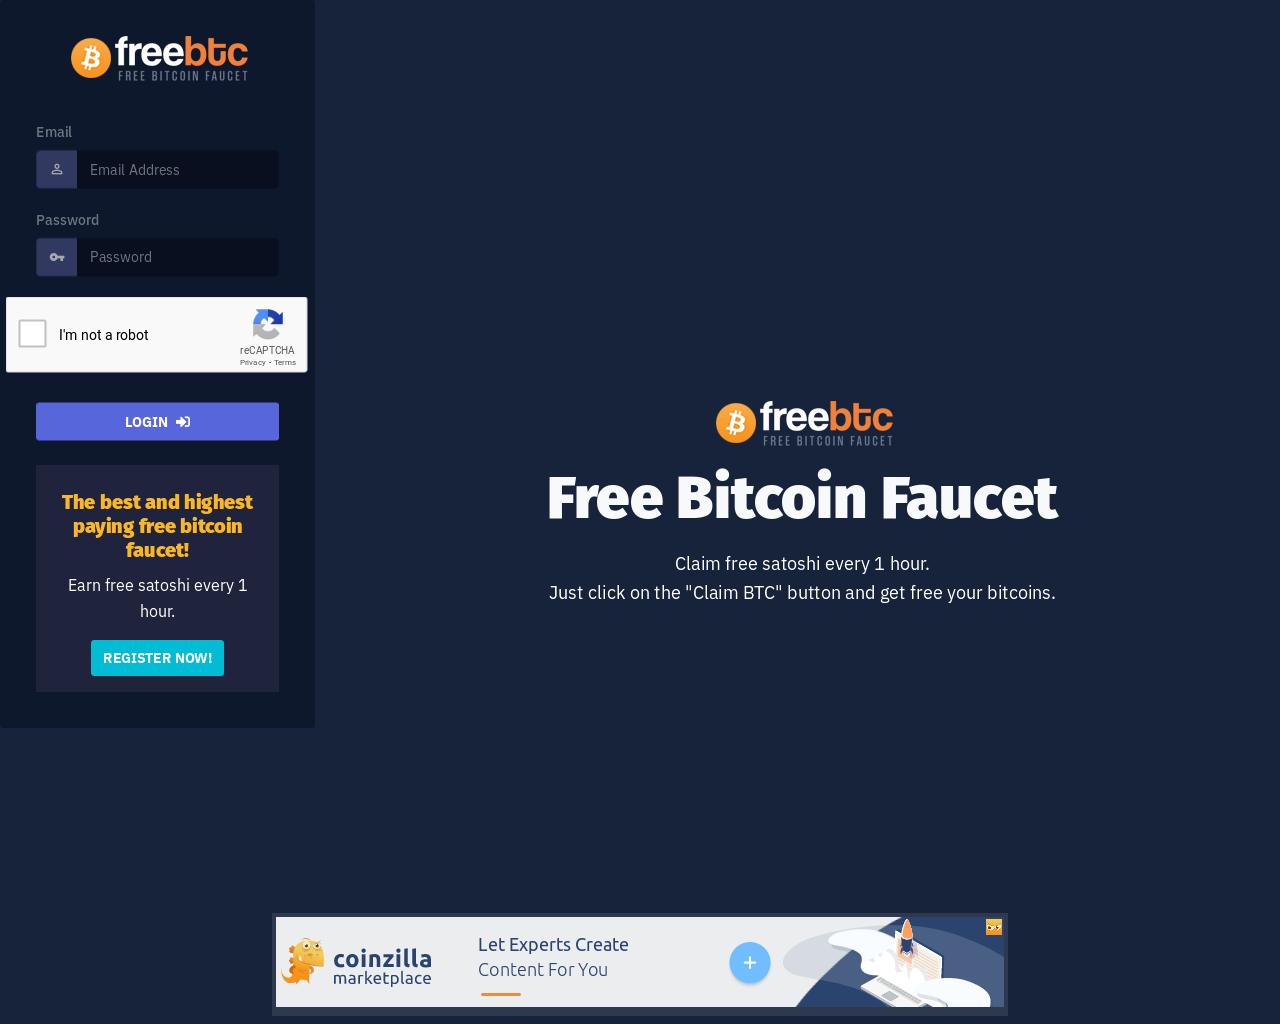 Freebtc